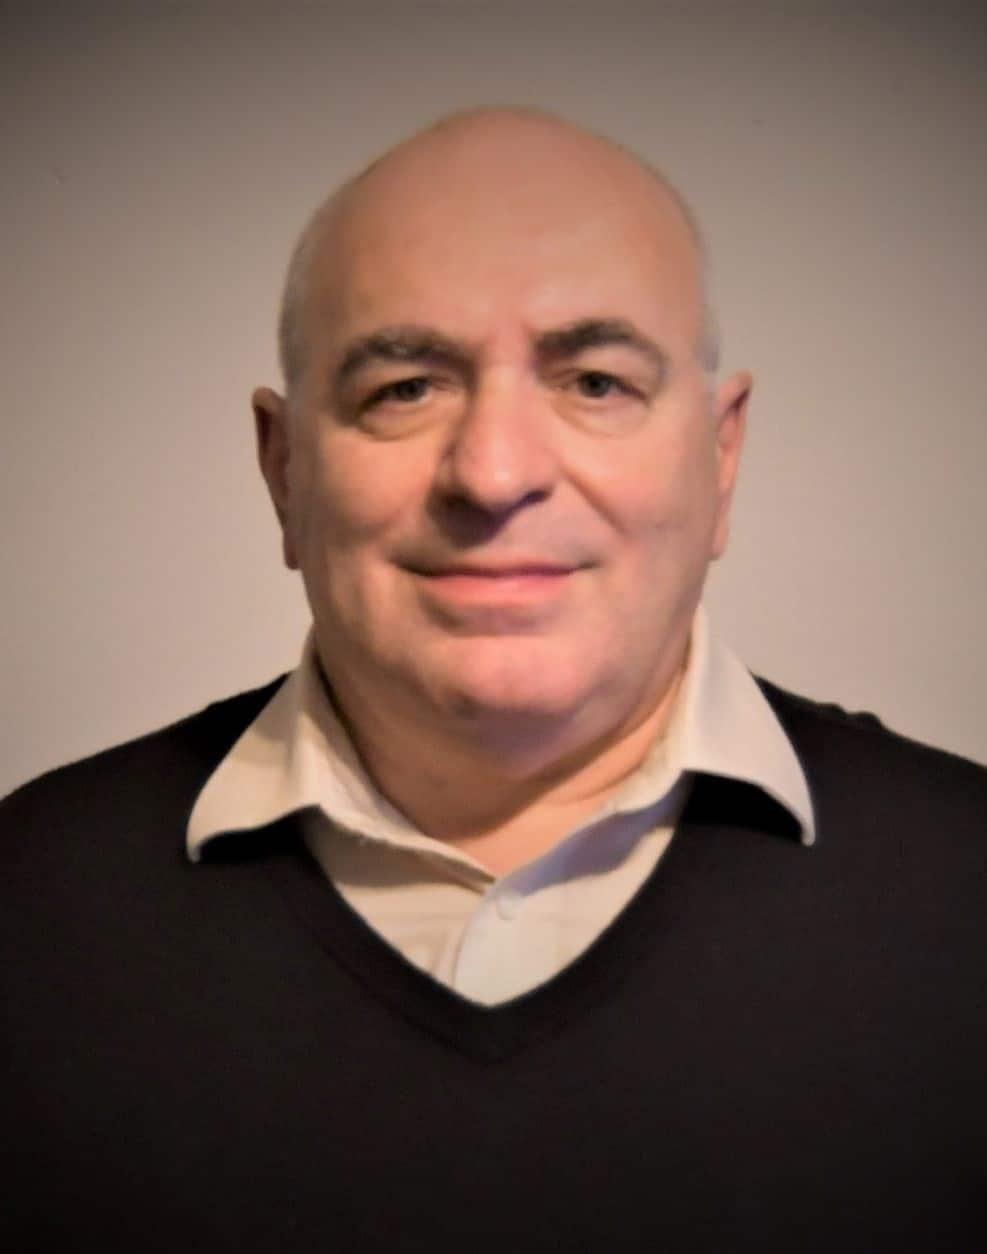 John Tronca